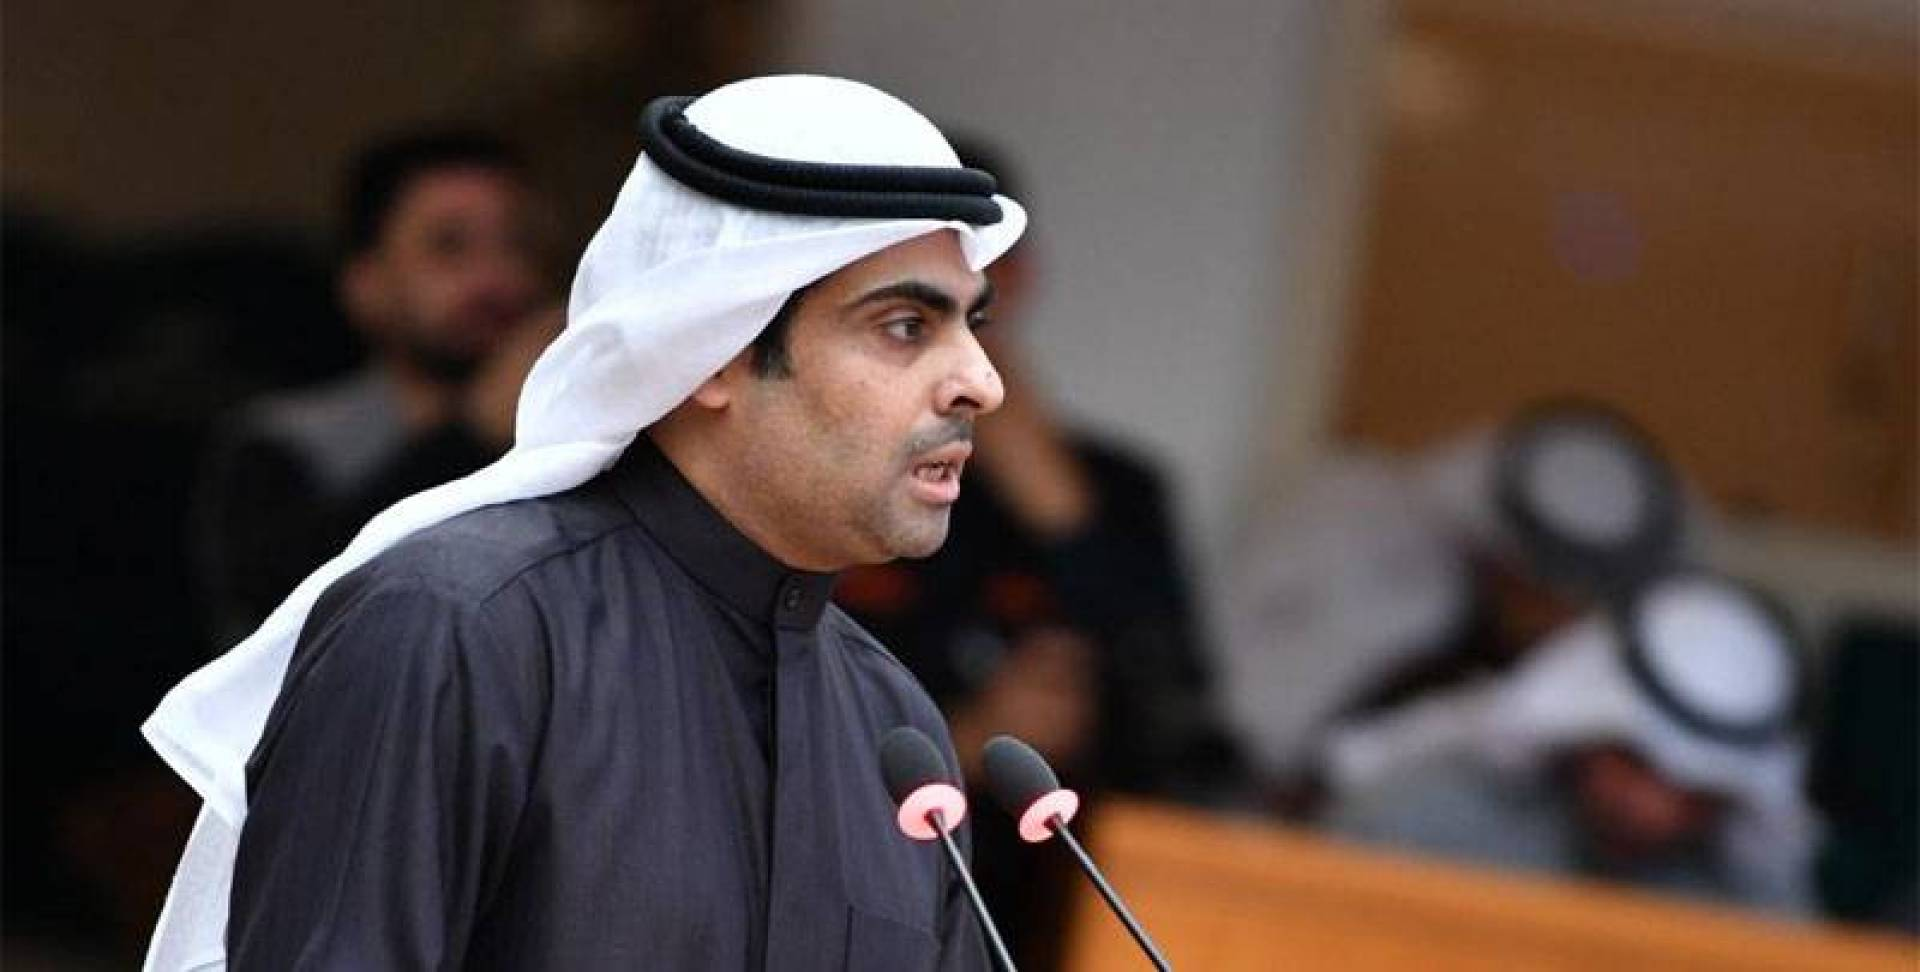 العدساني: تقرير حكومي شامل خلال شهر عن «رشى إيرباص»